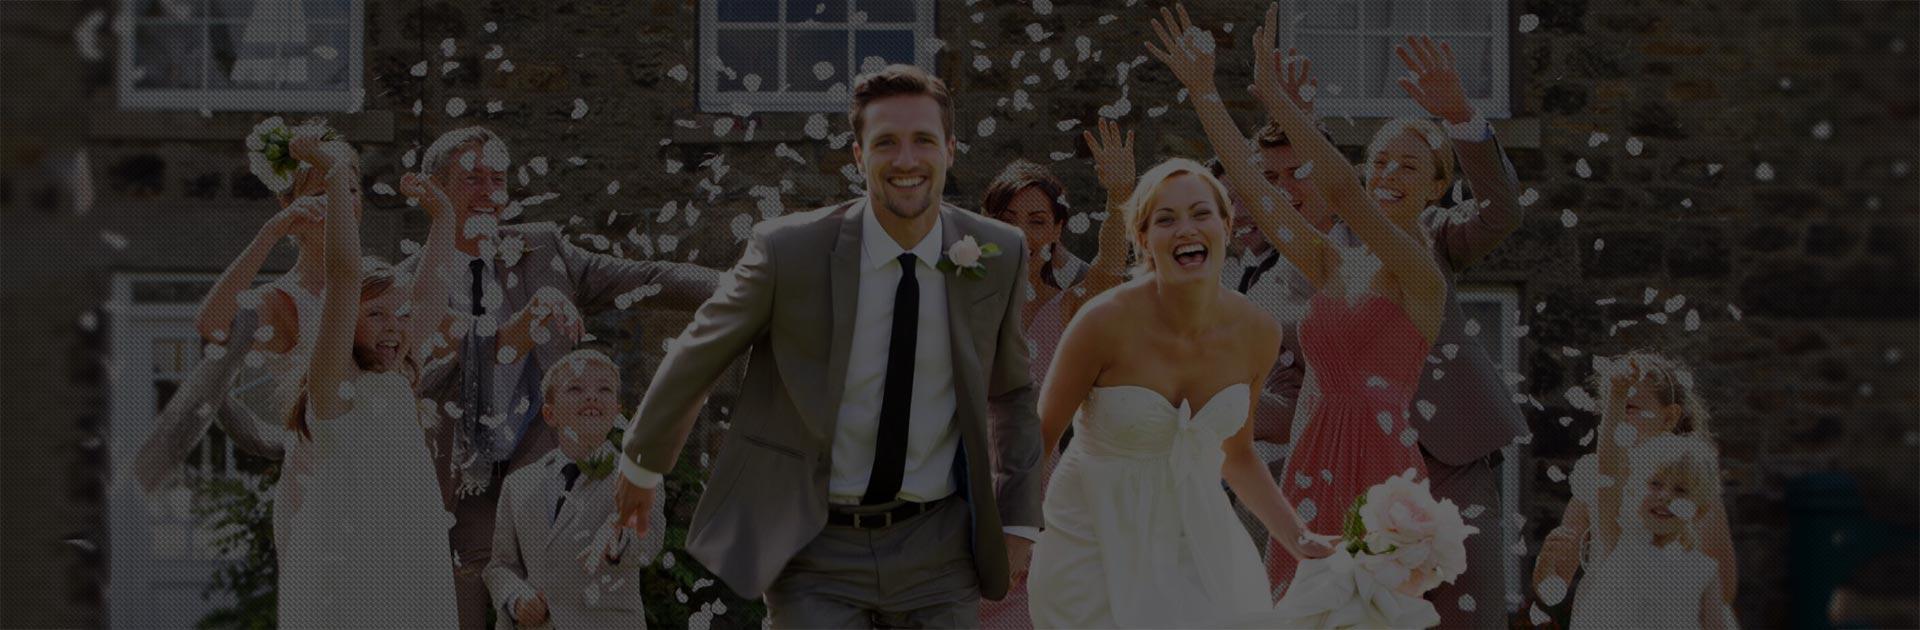 замуж за иностранца знакомства be bride